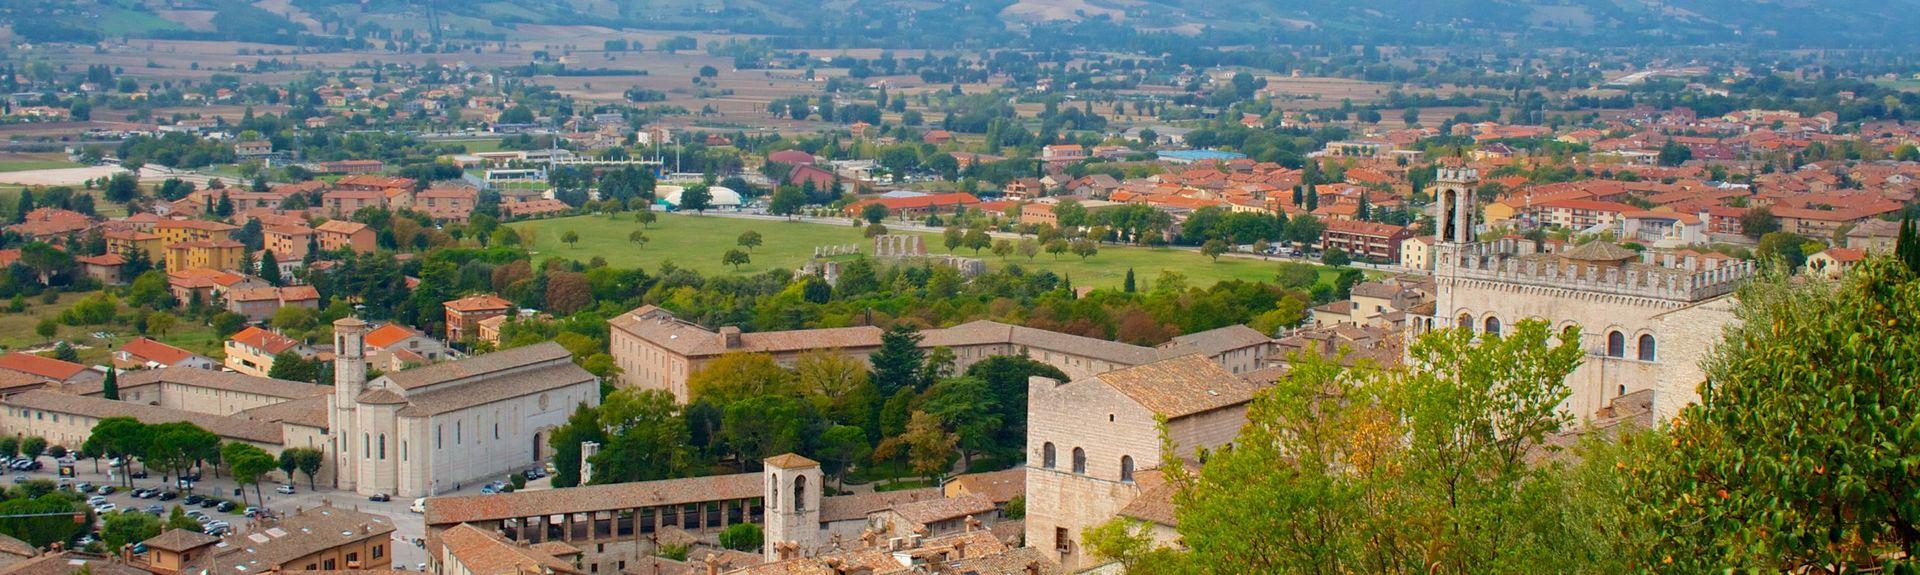 Gubbio, Umbrië, Italië